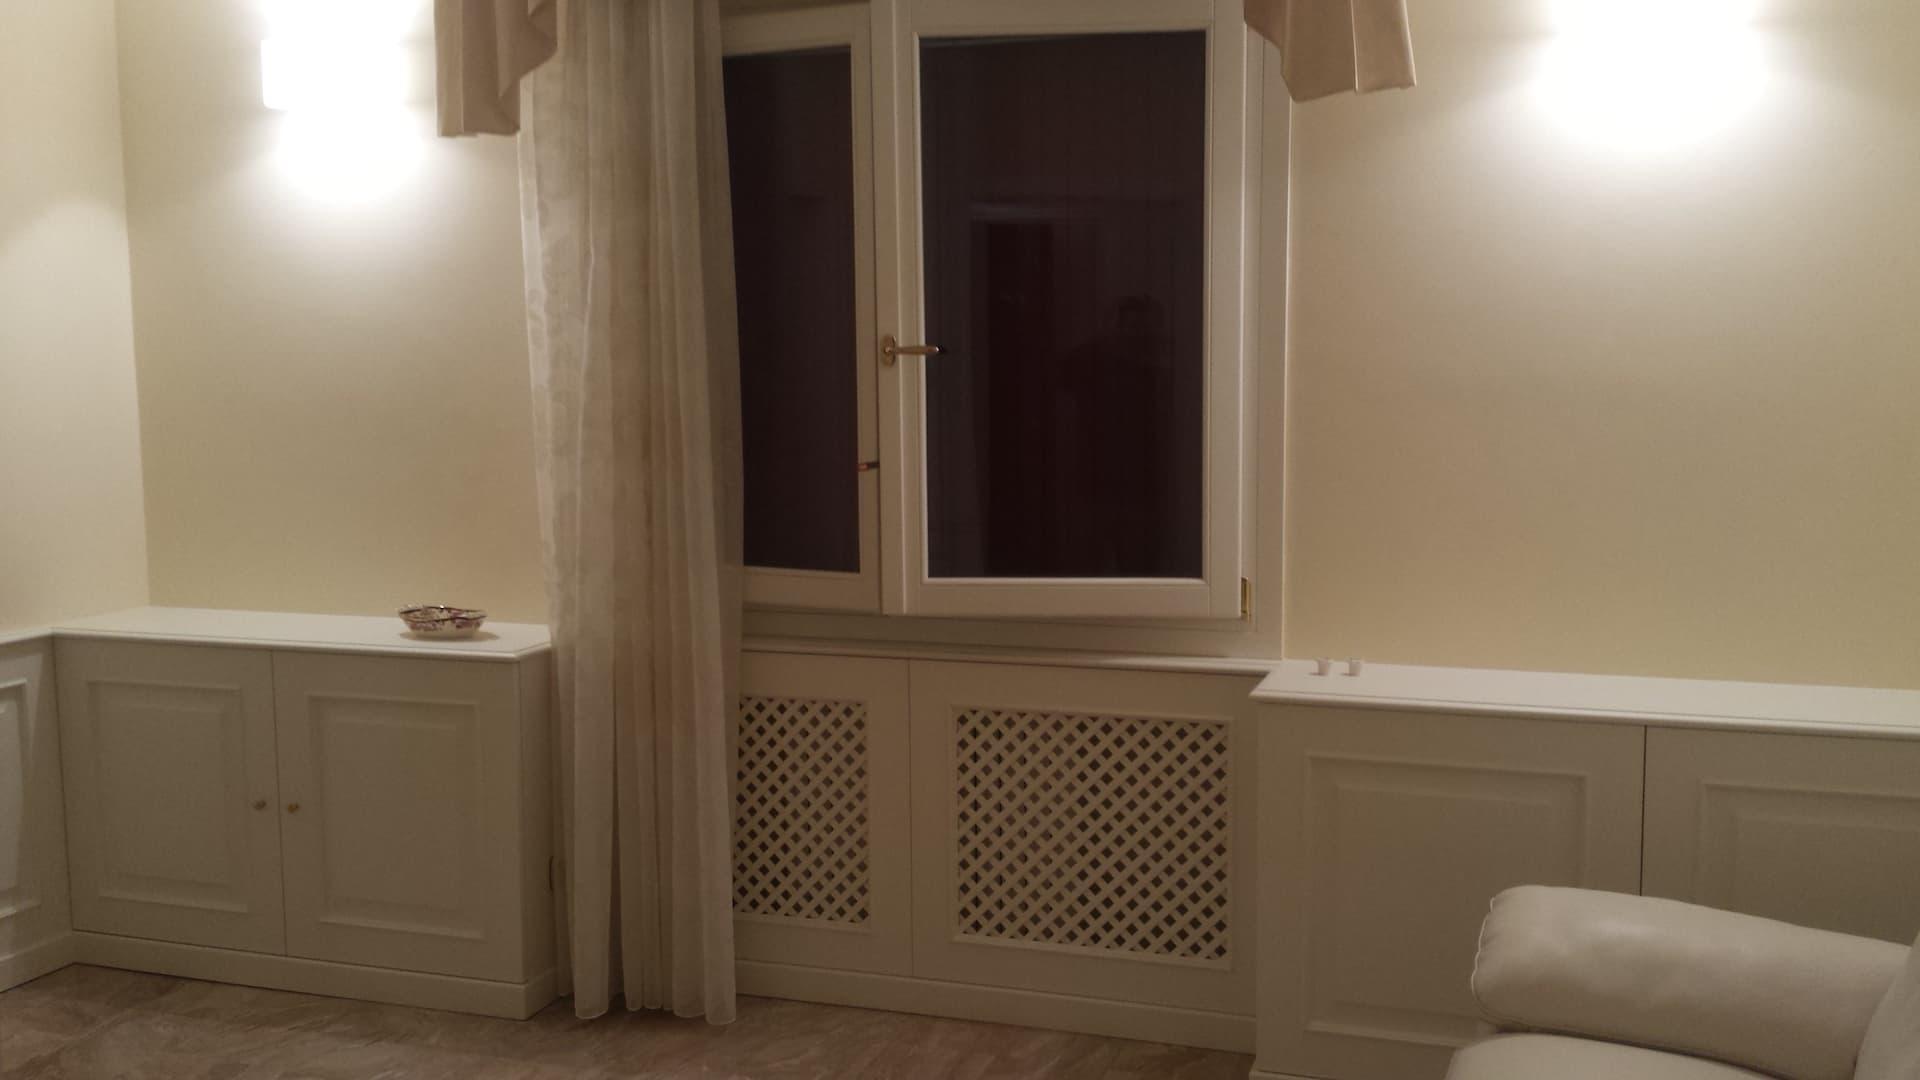 Produzione mobili soggiorno su misura a padova for Mobili soggiorno padova